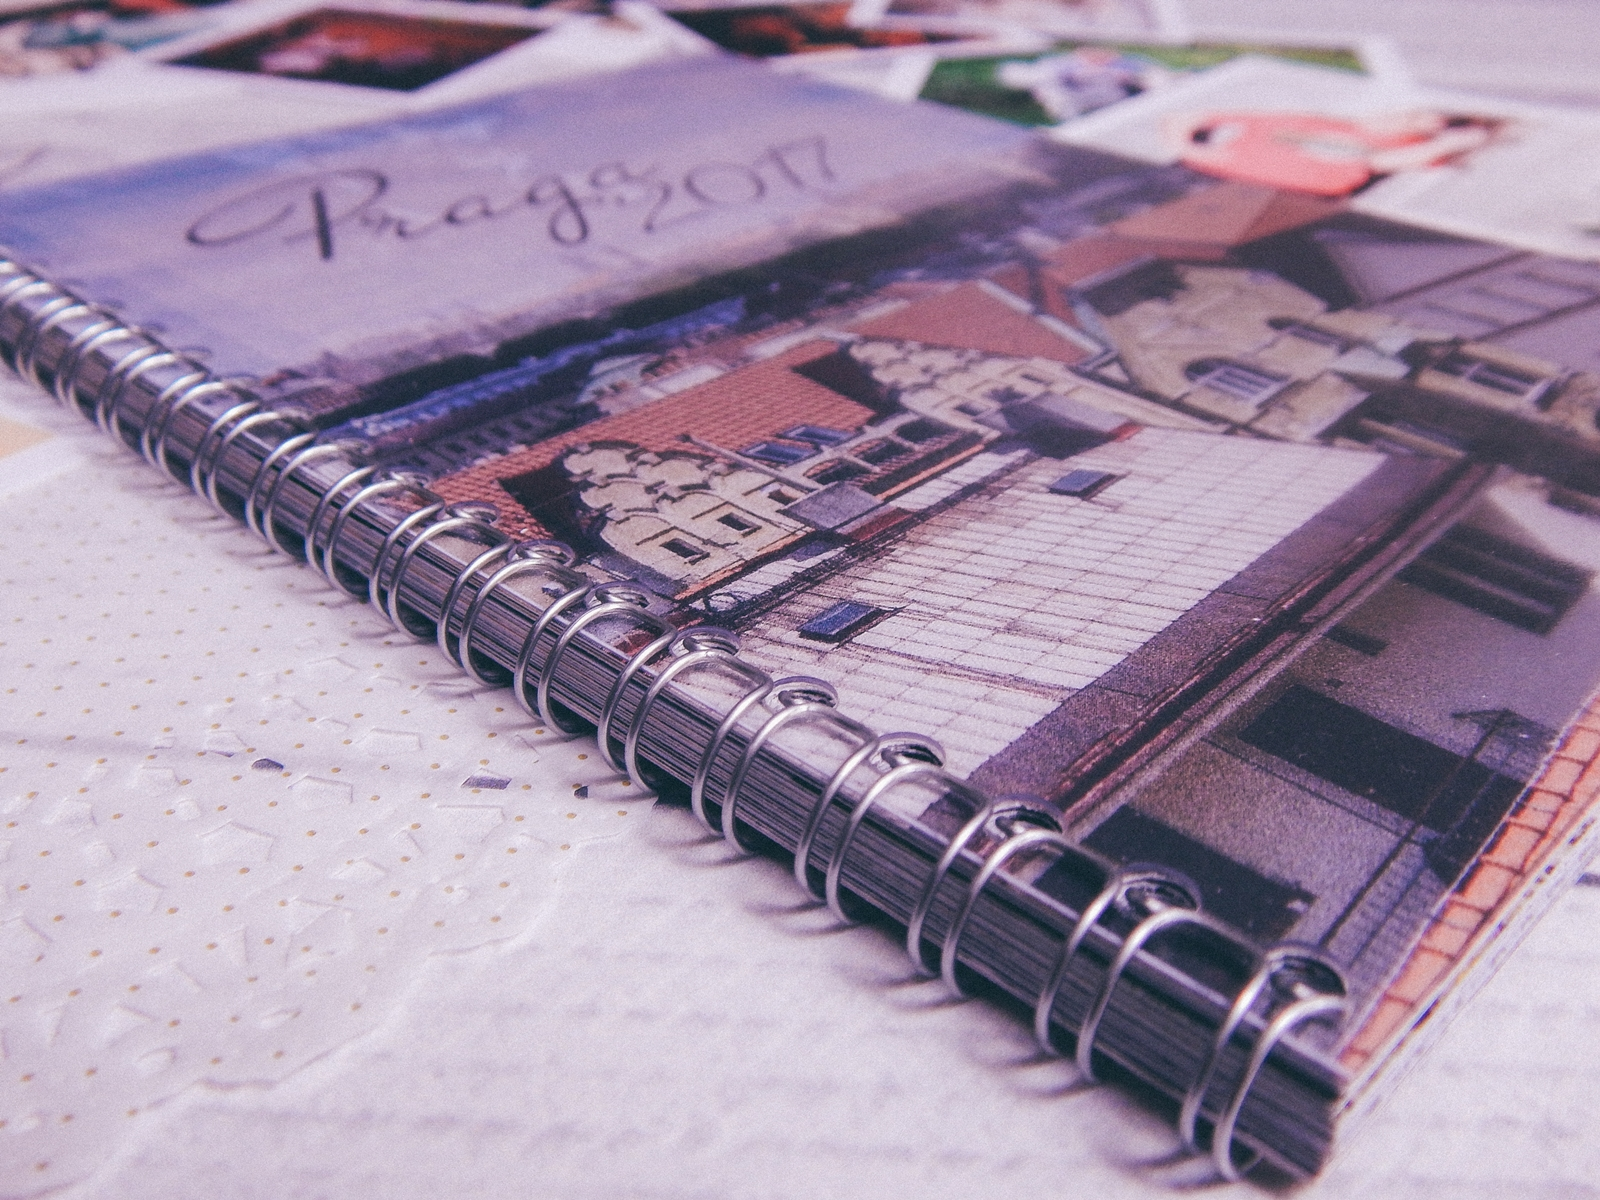 9 fotozeszyt saal digital zeszyt na zdjęcia a5 na sprężynie fotoksiązka photobook recenzja test fotozeszytu tanie wywoływanie zdjęć online melodylaniella polaroidy